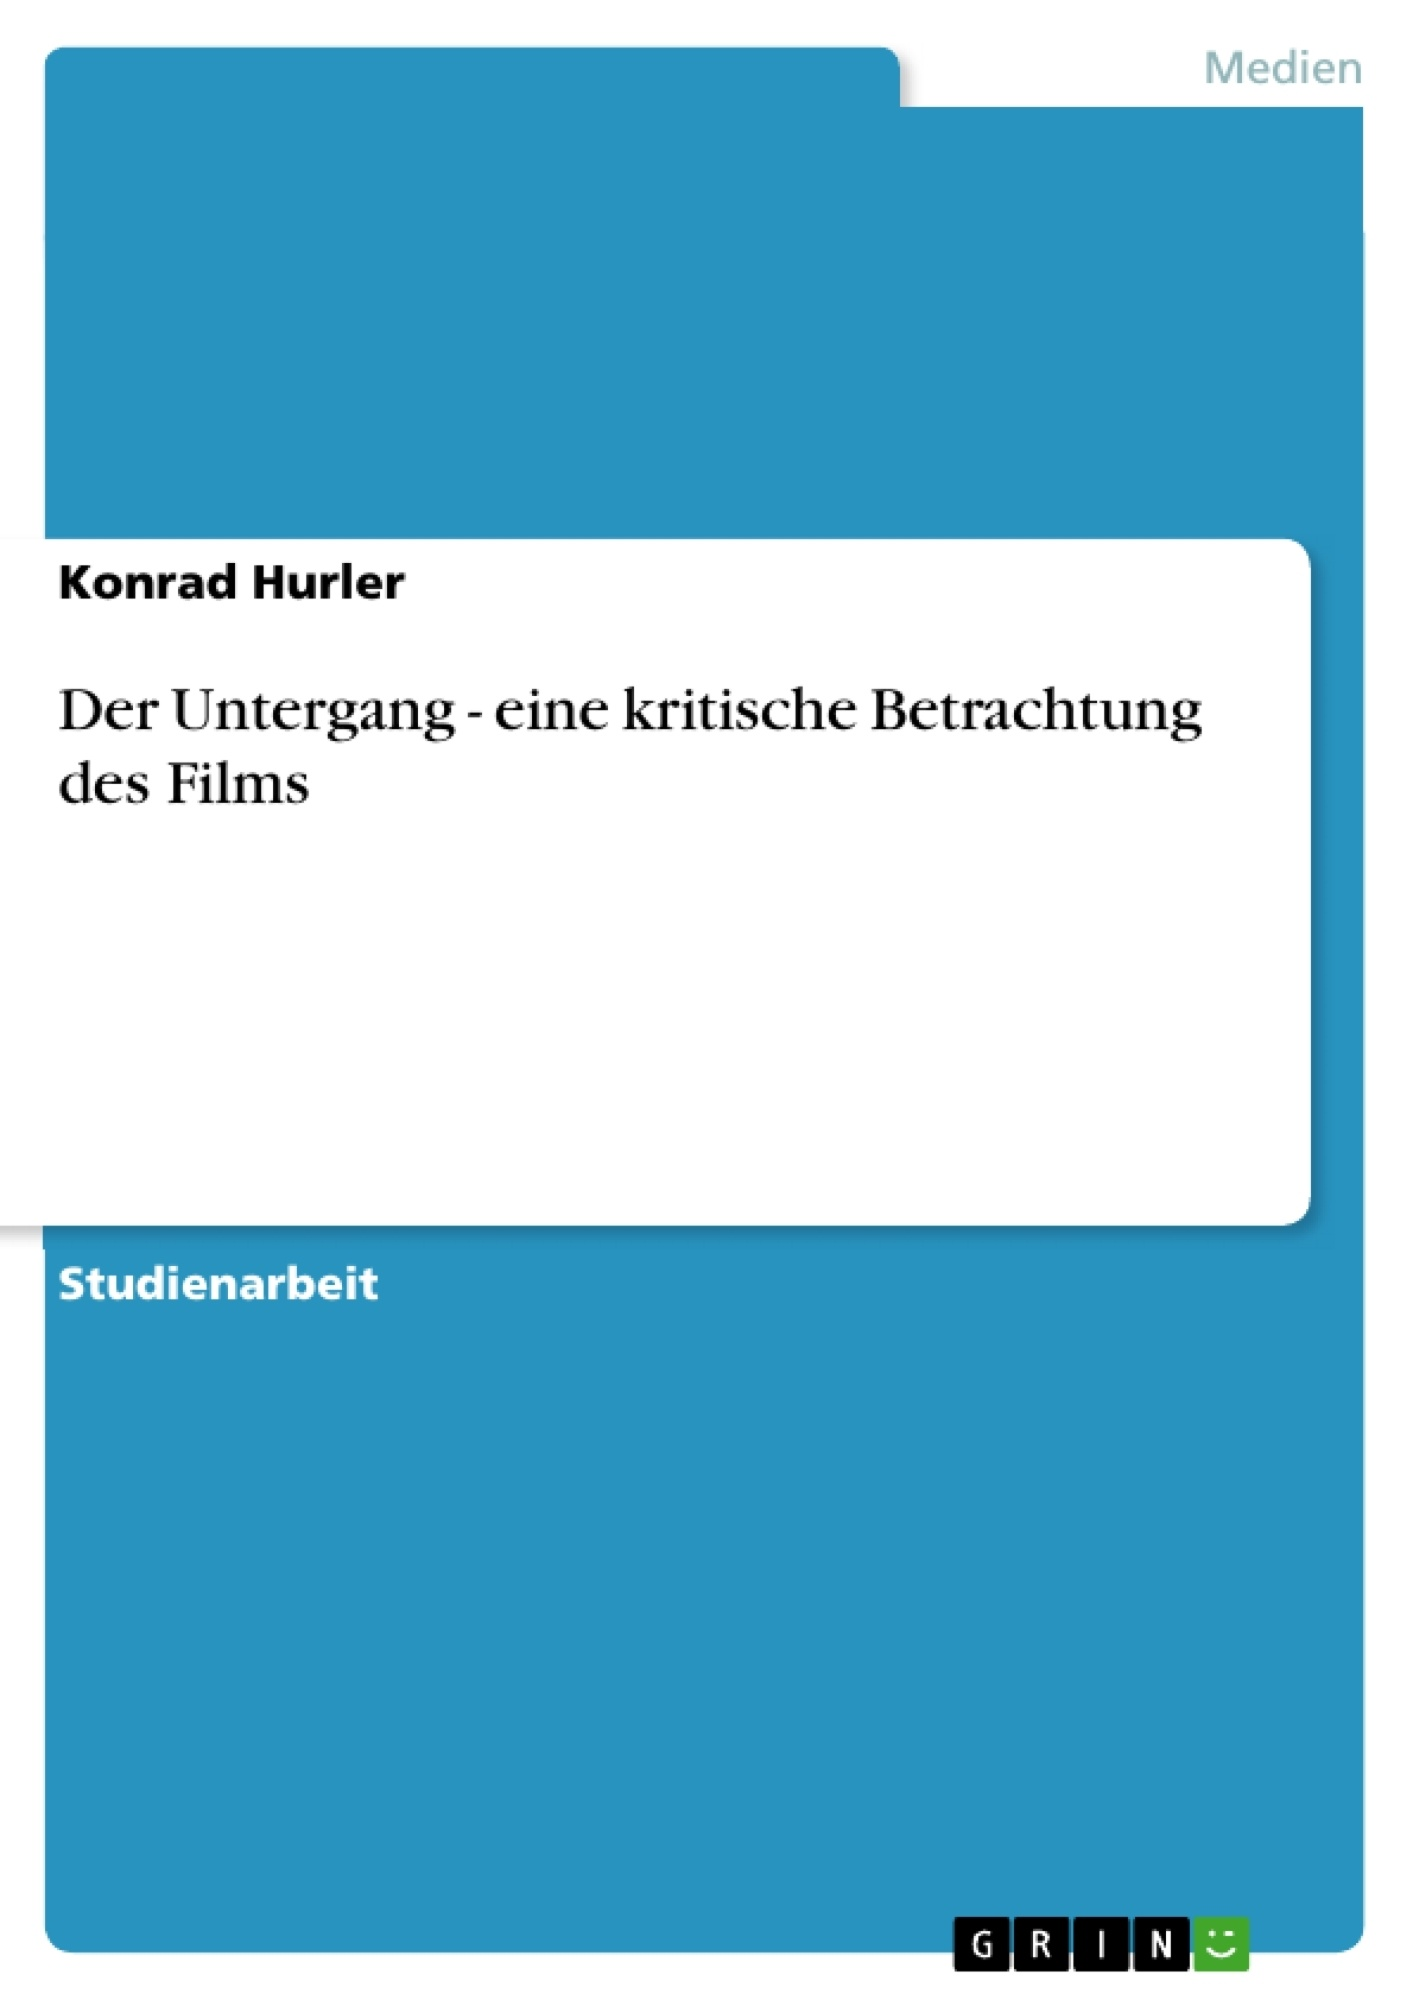 Titel: Der Untergang - eine kritische Betrachtung des Films